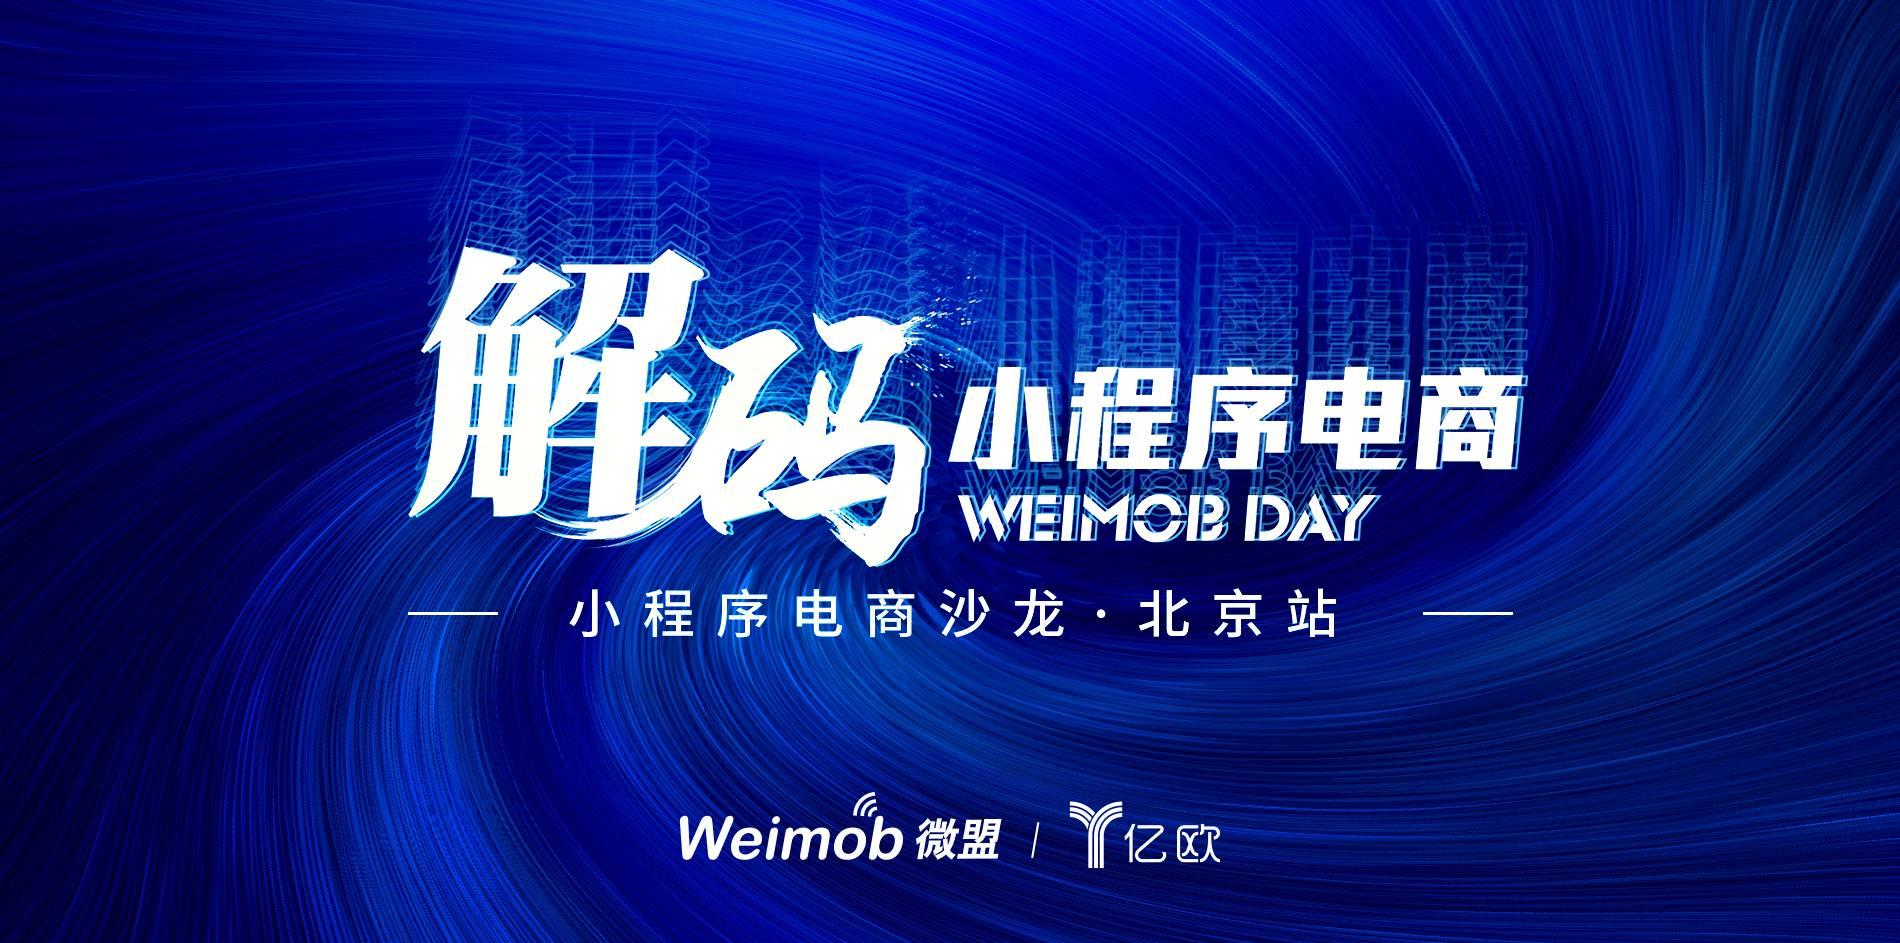 【活动】解码小程序电商Weimob Day 小程序电商沙龙北京站-亿欧